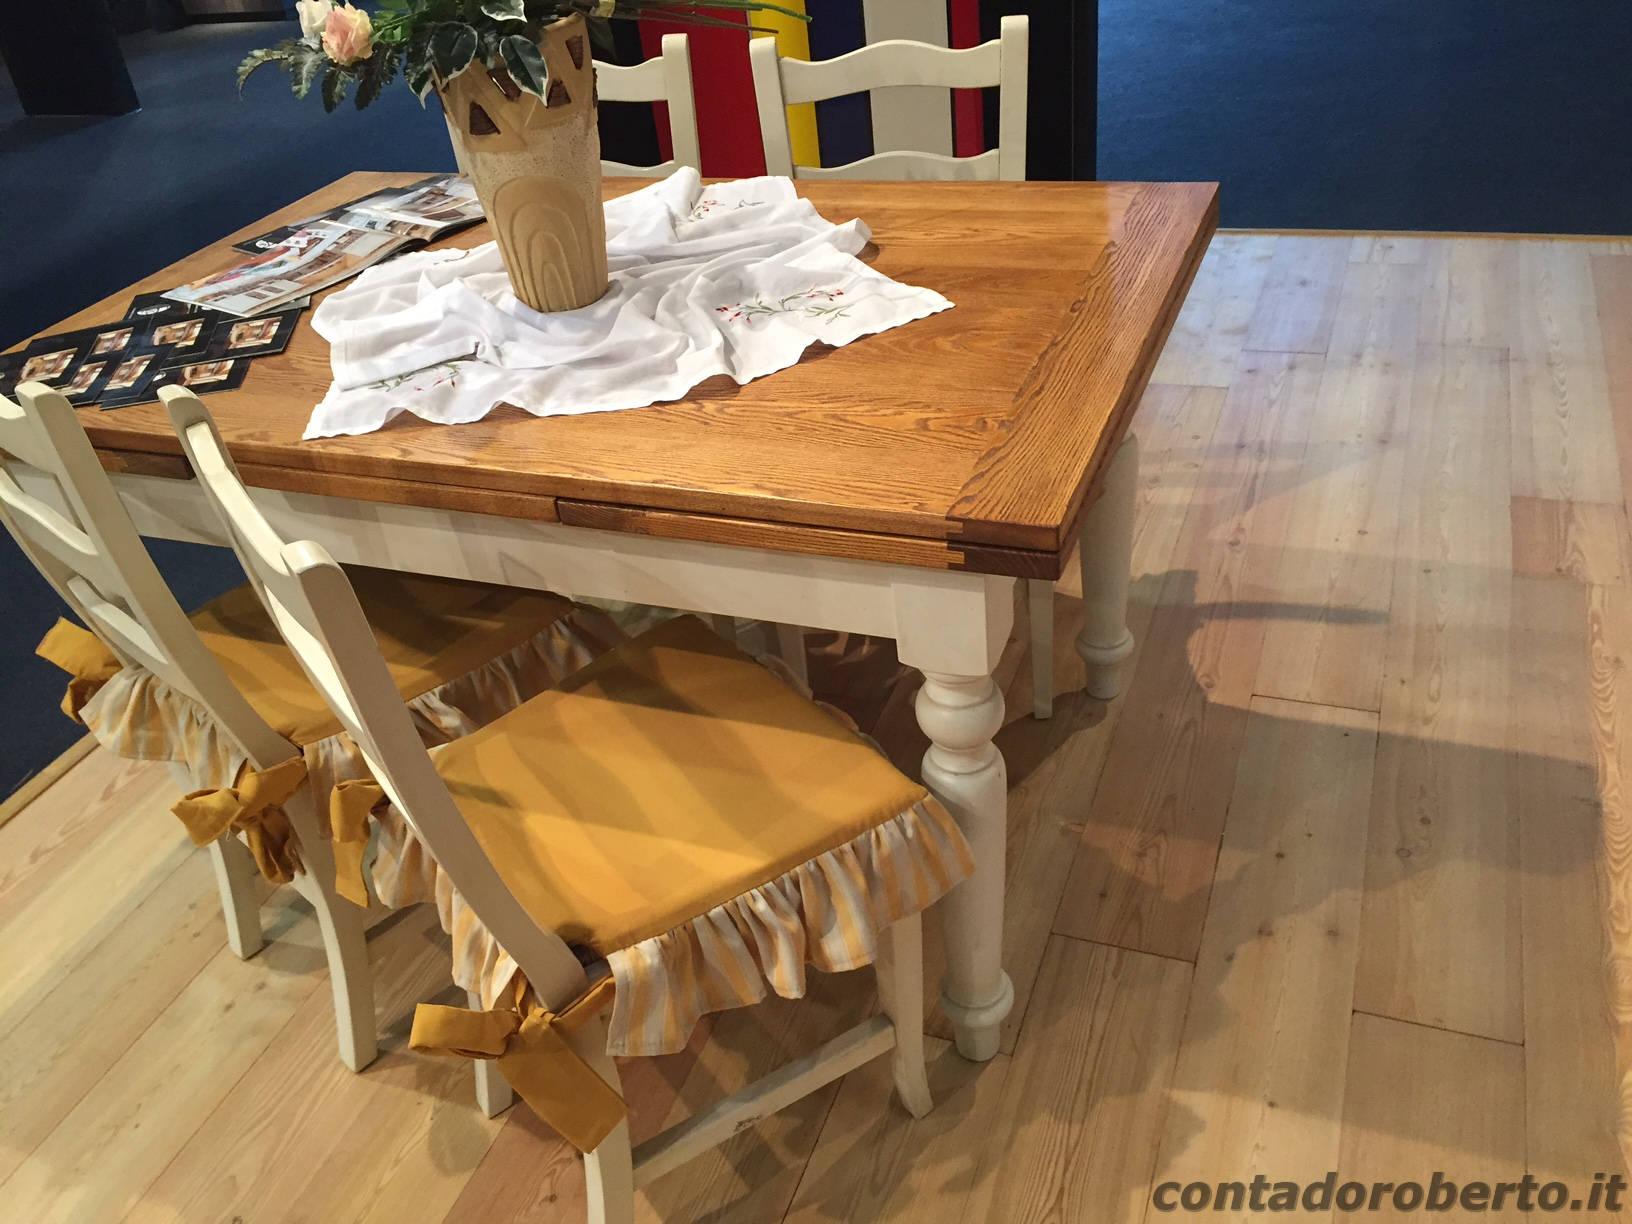 Tavolo in legno massello allungabile contado roberto for Tavolo ovale allungabile legno massello